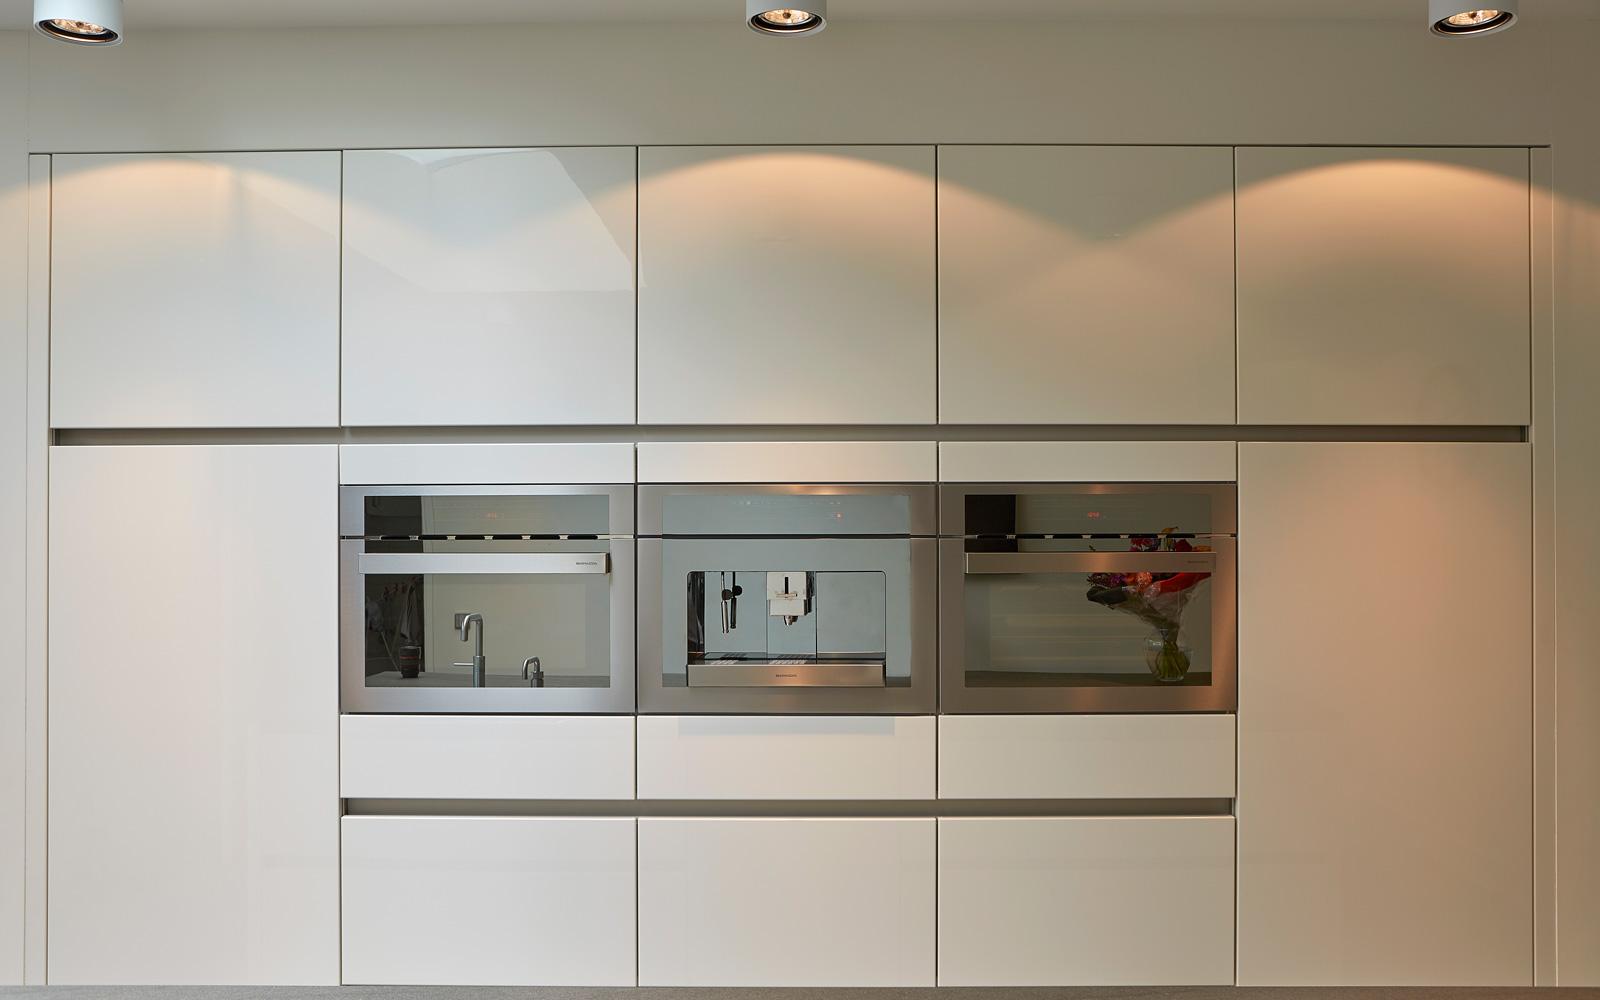 Janssen Keukens heeft de keuken voorzien van luxe keukenapparatuur.